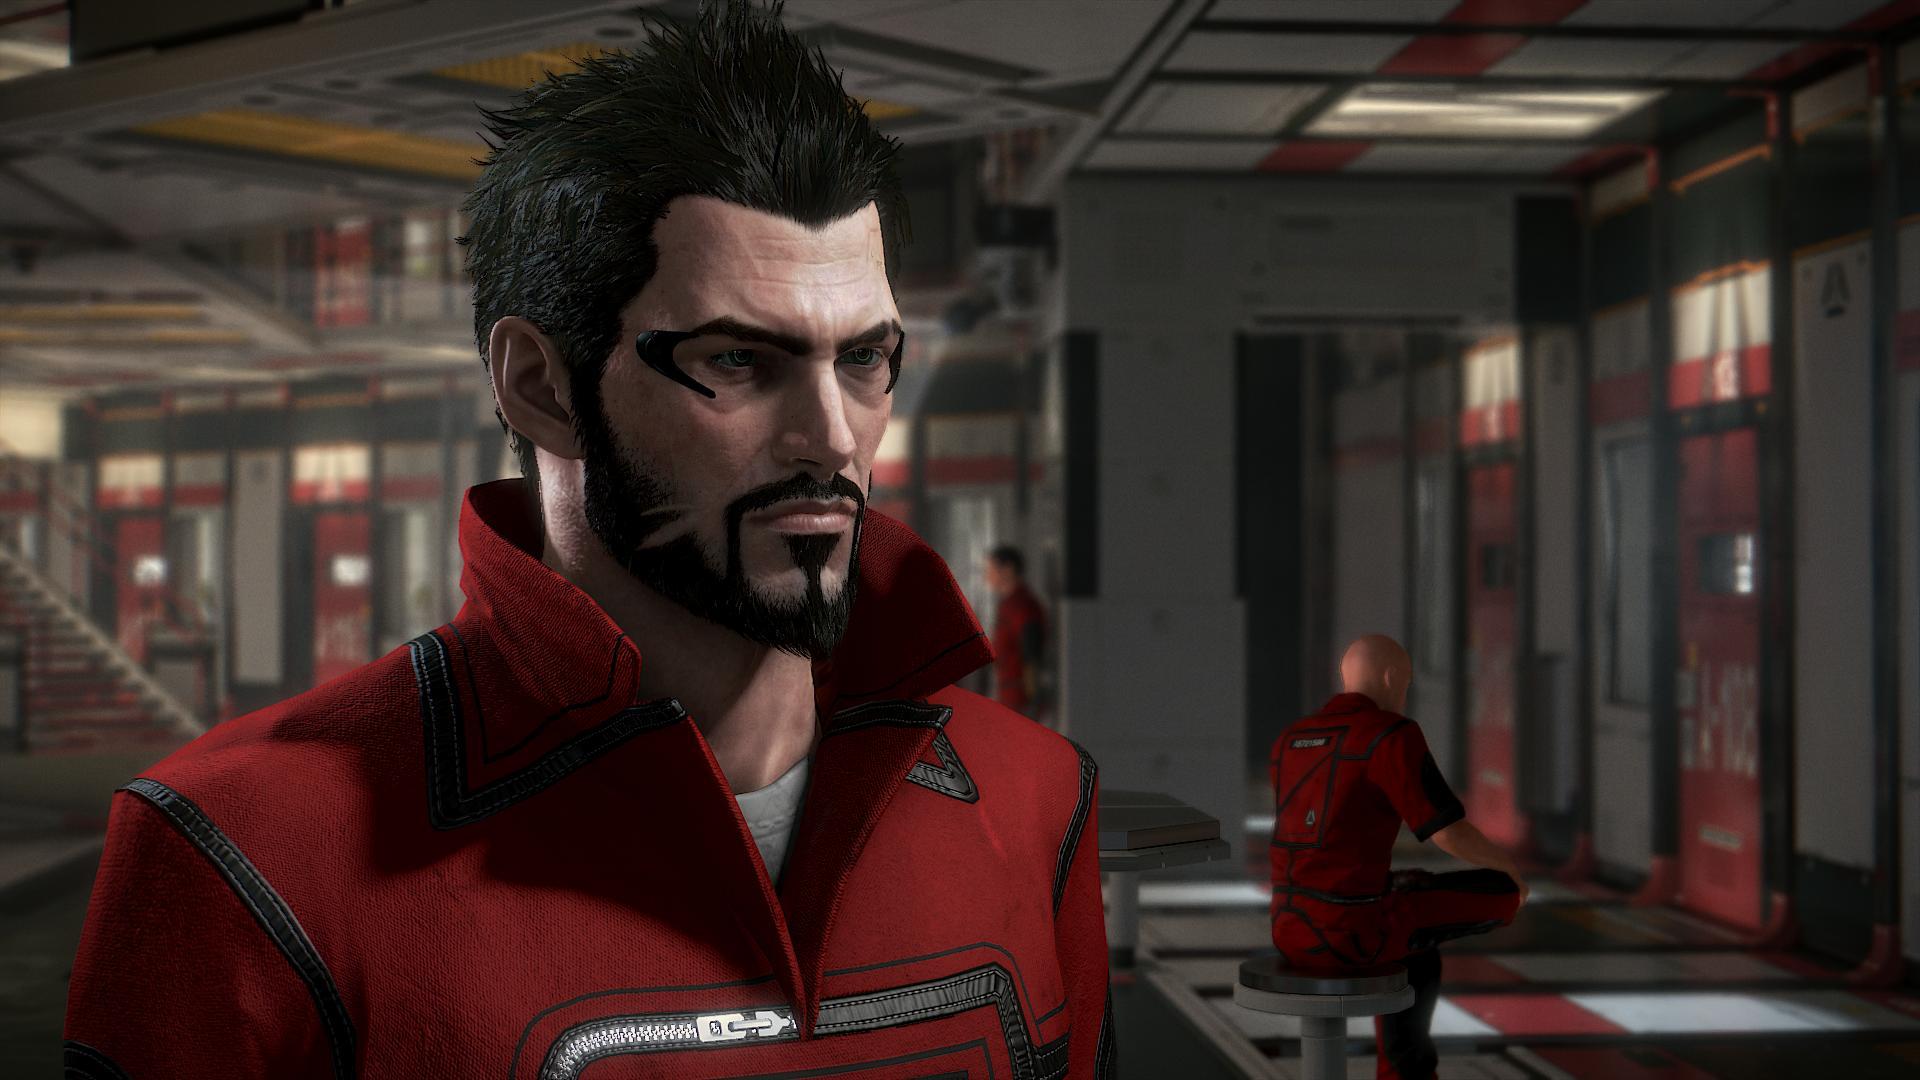 000354.Jpg - Deus Ex: Mankind Divided